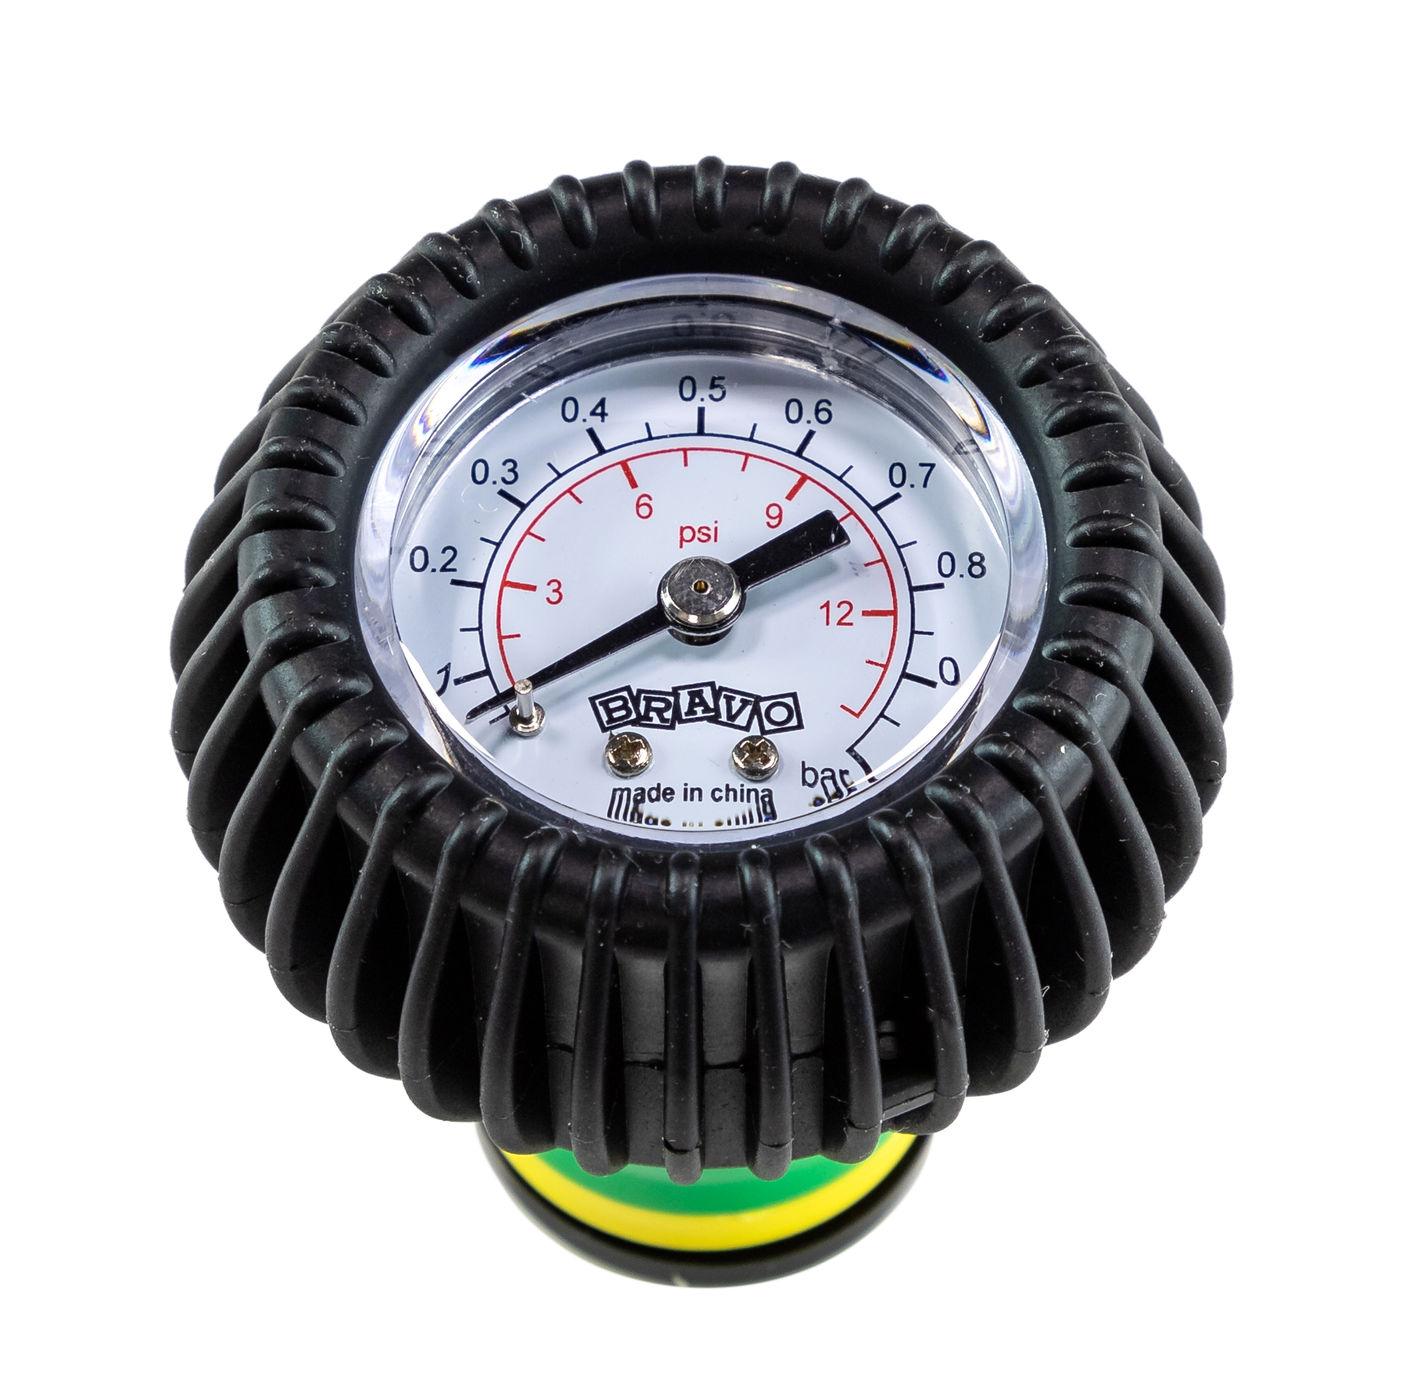 Pressure Gauge SP 119/adj/1.0 For Inflatable Boat, 0-1 Bar R151090